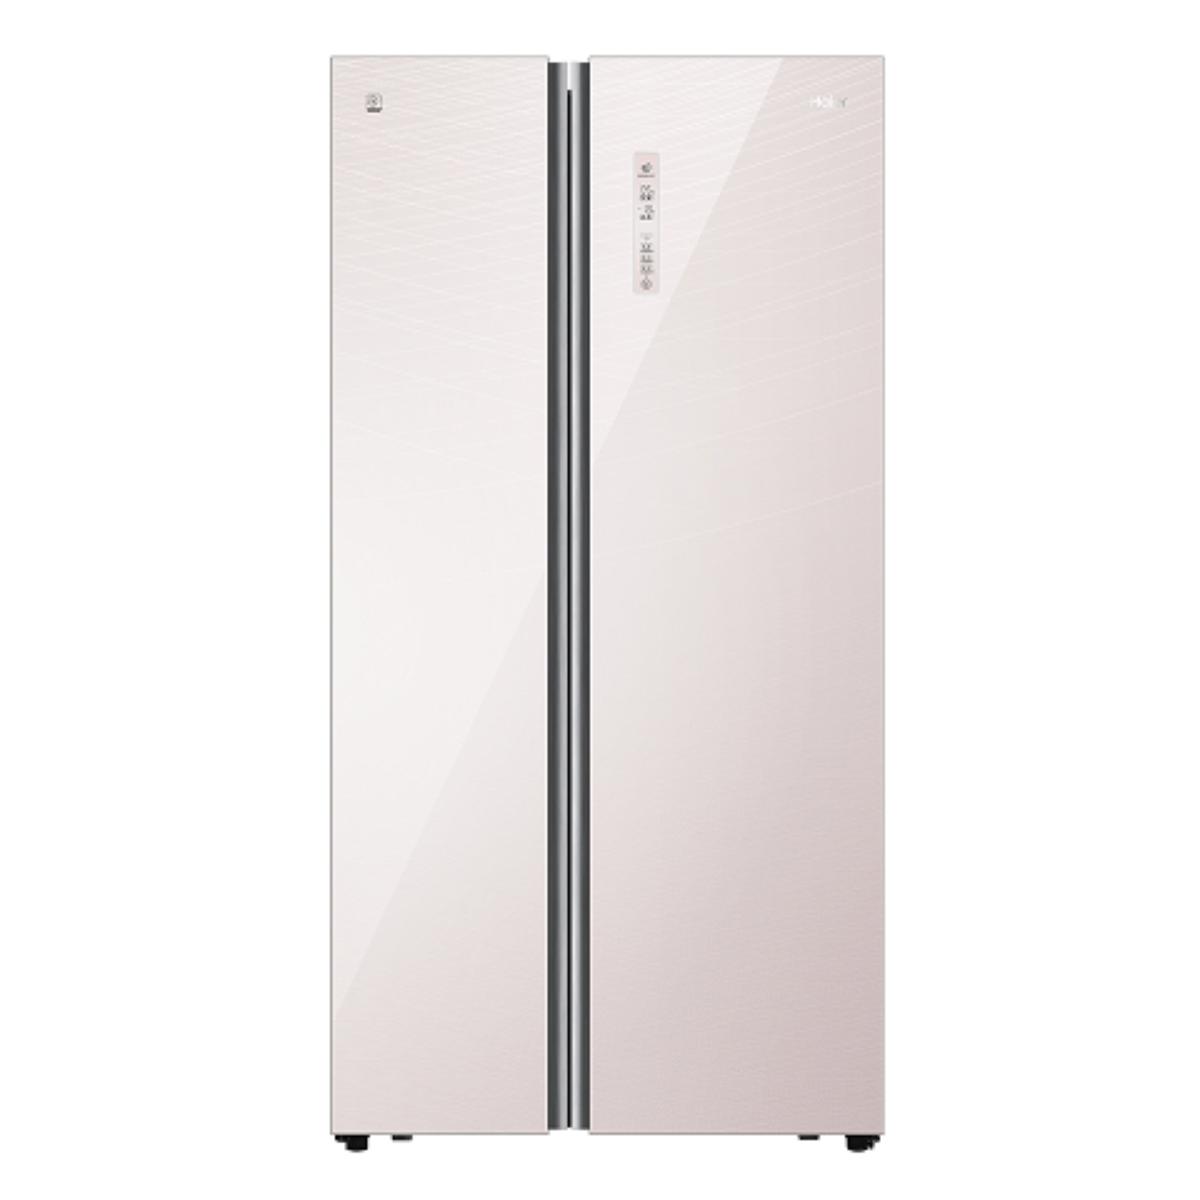 海尔冰箱面板怎样 海尔冰箱面板特点